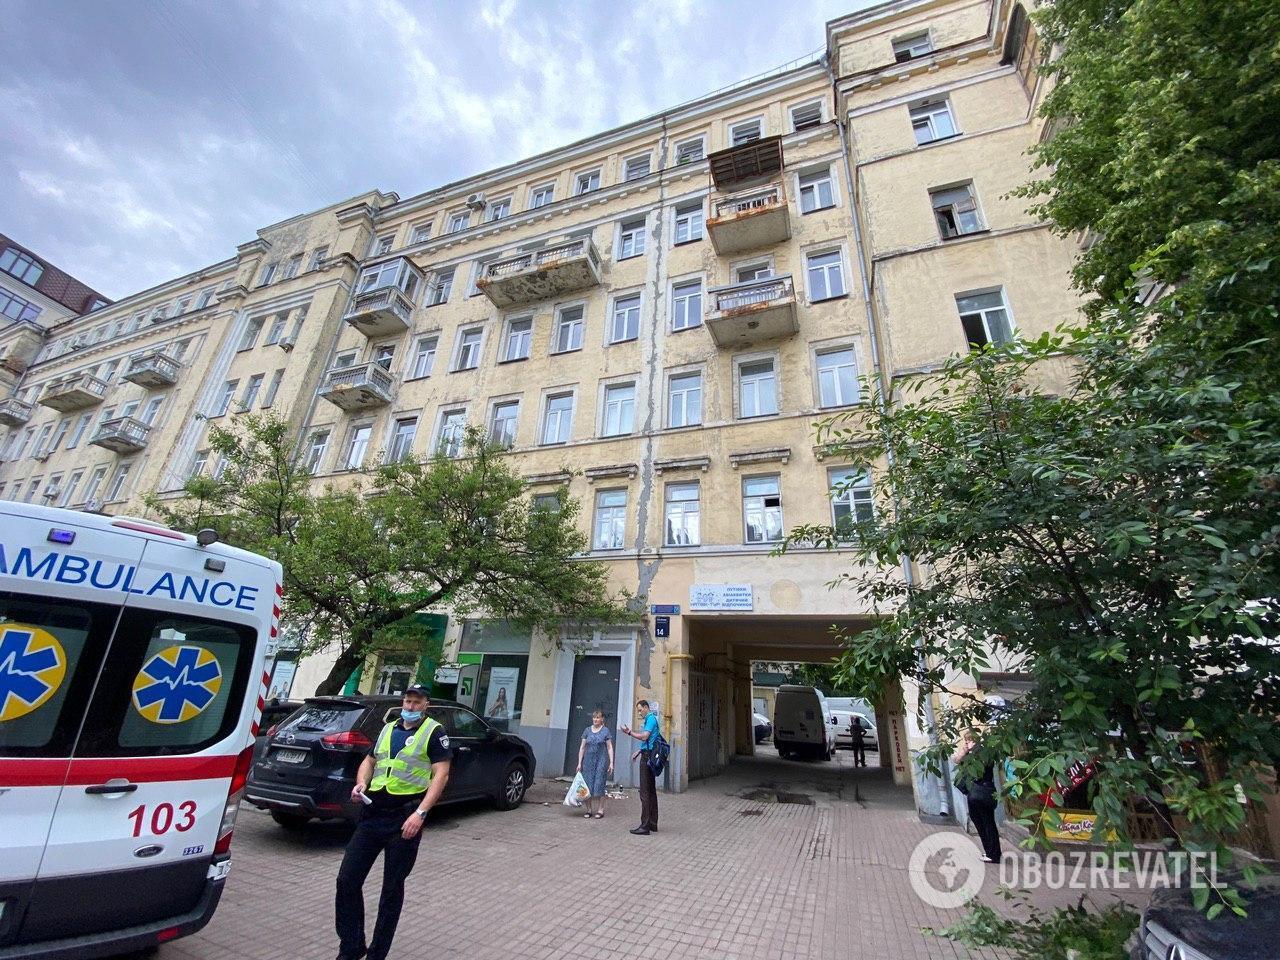 У Києві жінка з 3-річною дитиною випали з вікна: перші подробиці